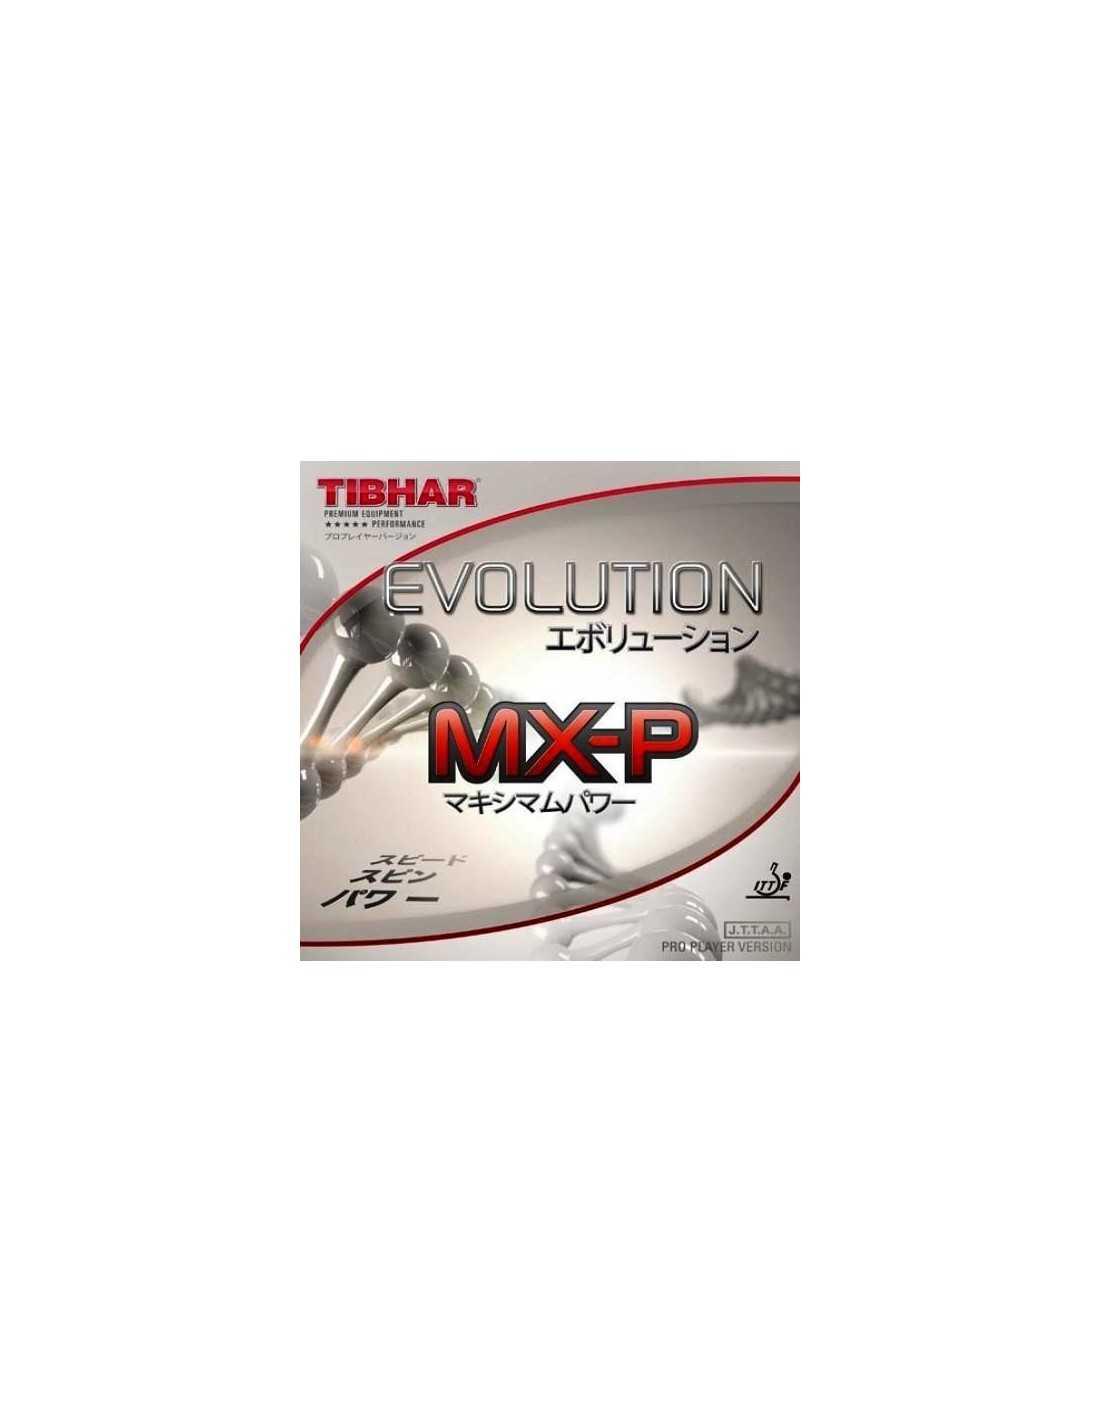 Rubber Tibhar Evolution Mx P